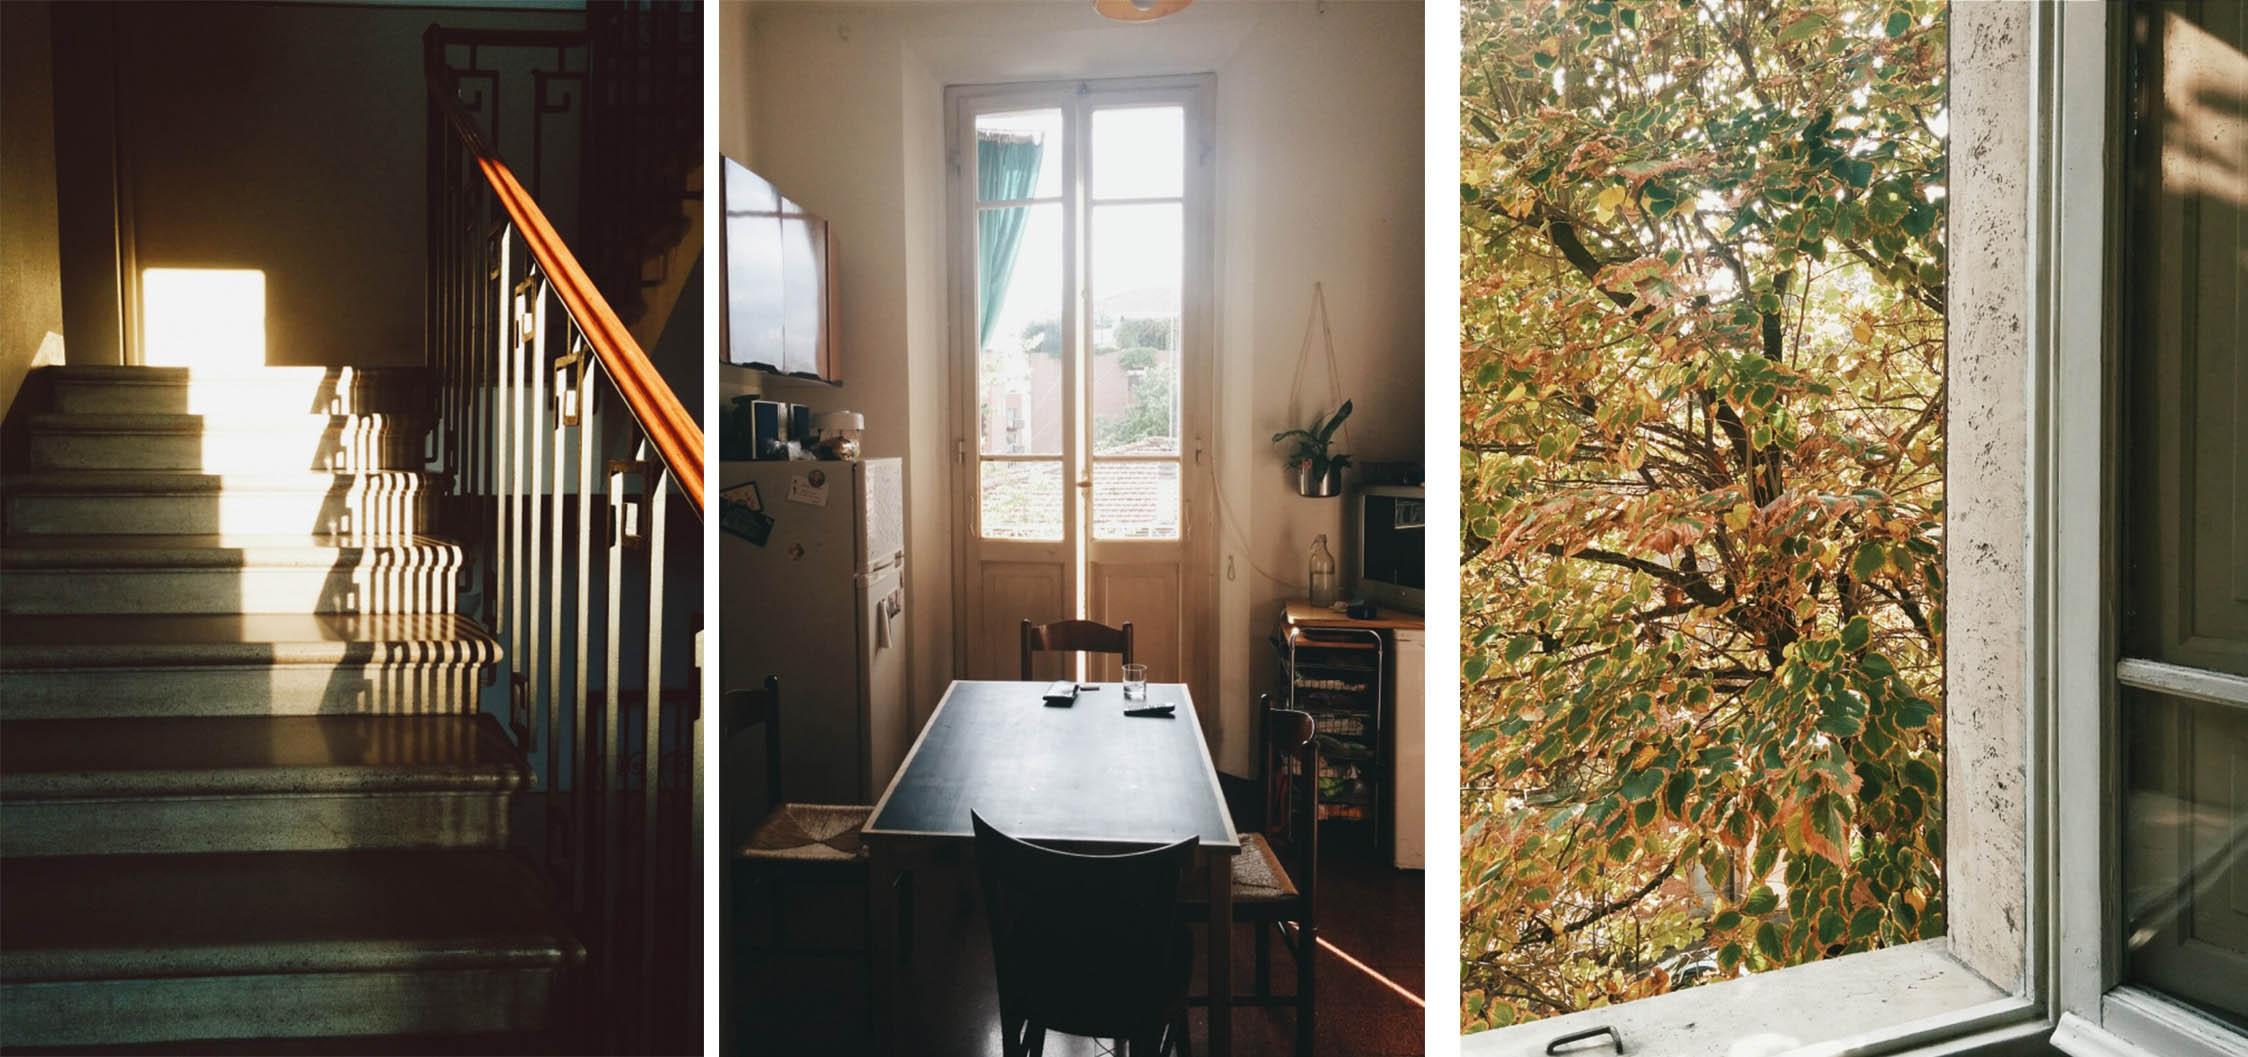 storia-delle-case-francesca-corno-casa-masi